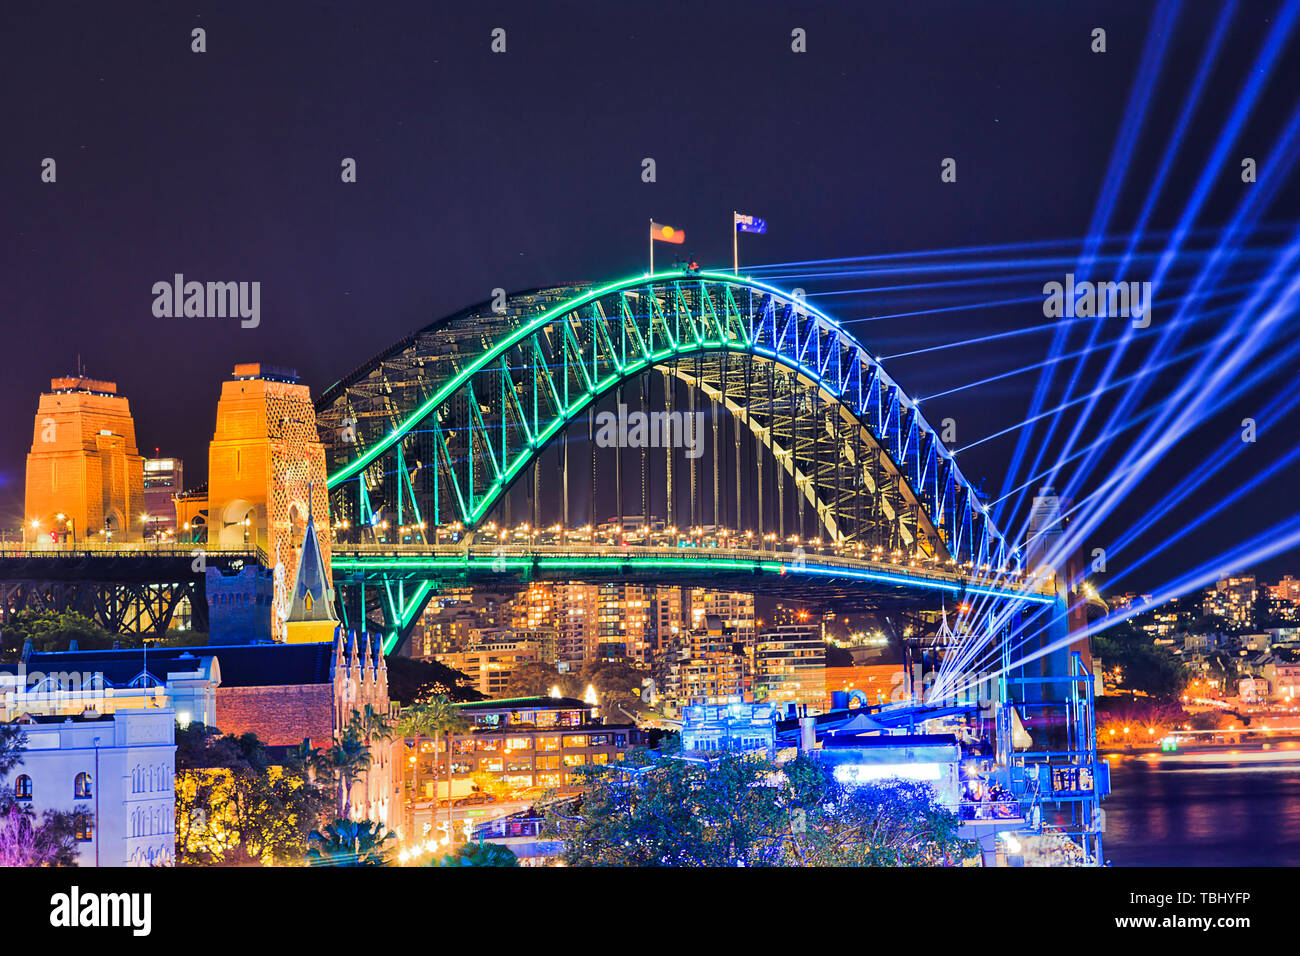 Stahl Bogen der Sydney Harbour Bridge mit heller Beleuchtung und Laserstrahlen in dunklen Nachthimmel über Hafen bei Vivid Sydney Licht zu zeigen. Stockfoto